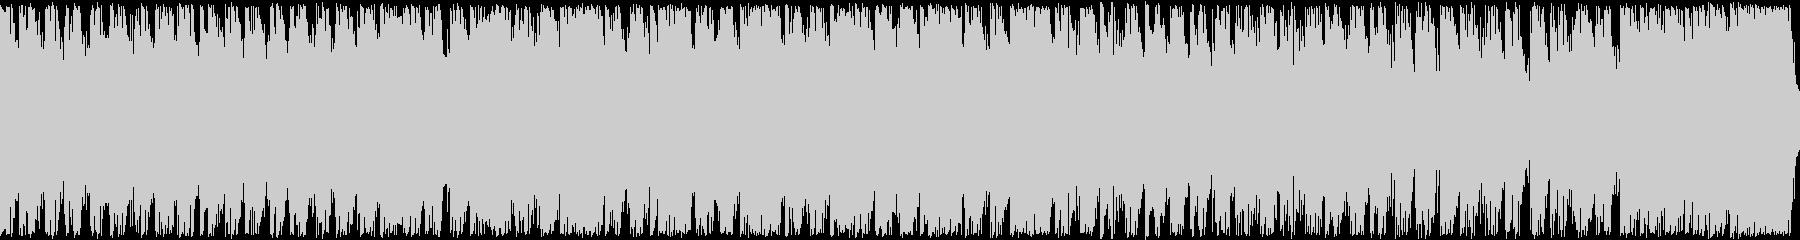 ドラム、シンセの緊迫感バトル、ループの未再生の波形